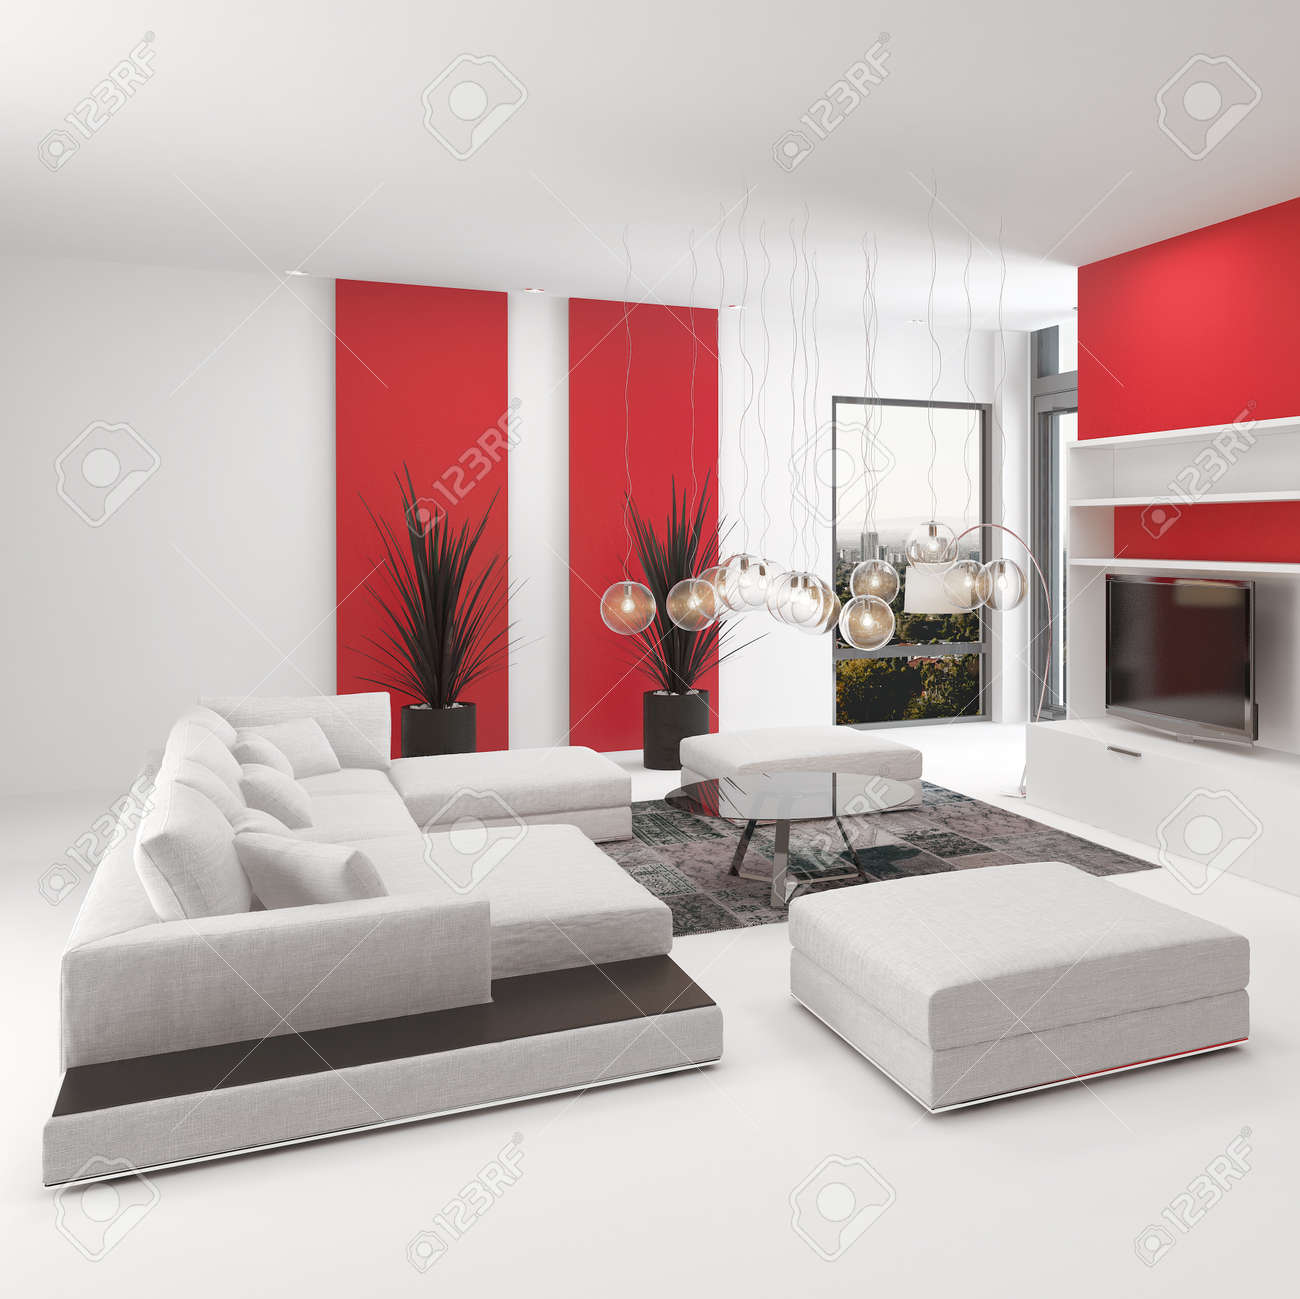 Gehobenen Modernen Wohnzimmer Innenraum Mit Leuchtend Roten Akzenten Und  Weißem Dekor Mit Einer Bequemen Sitzgruppe Modular